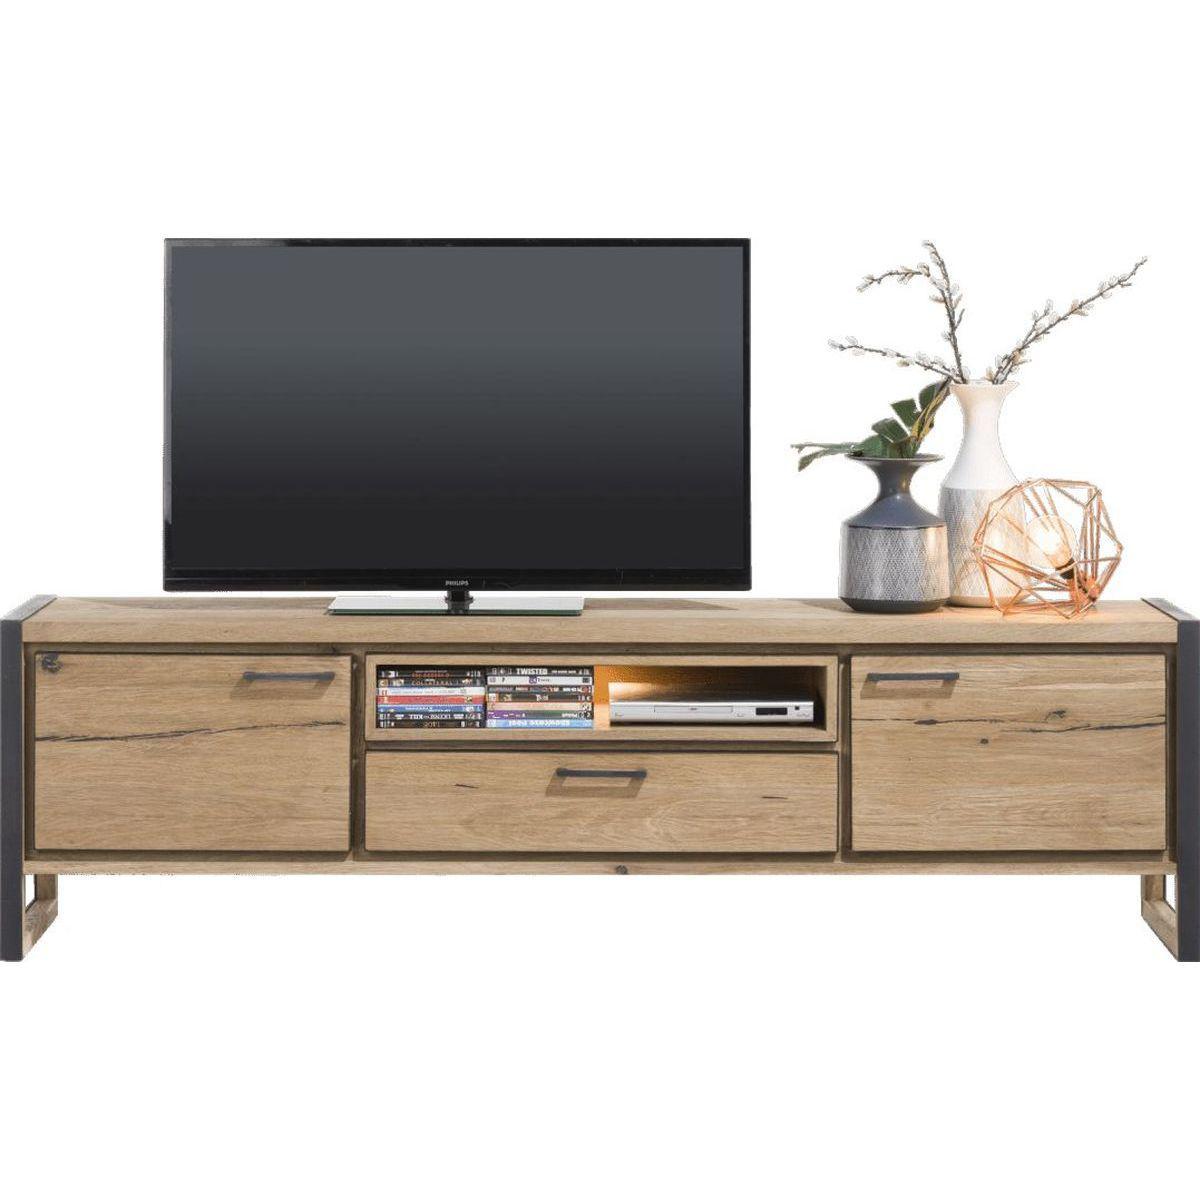 Meuble TV METALO HetH 210cm